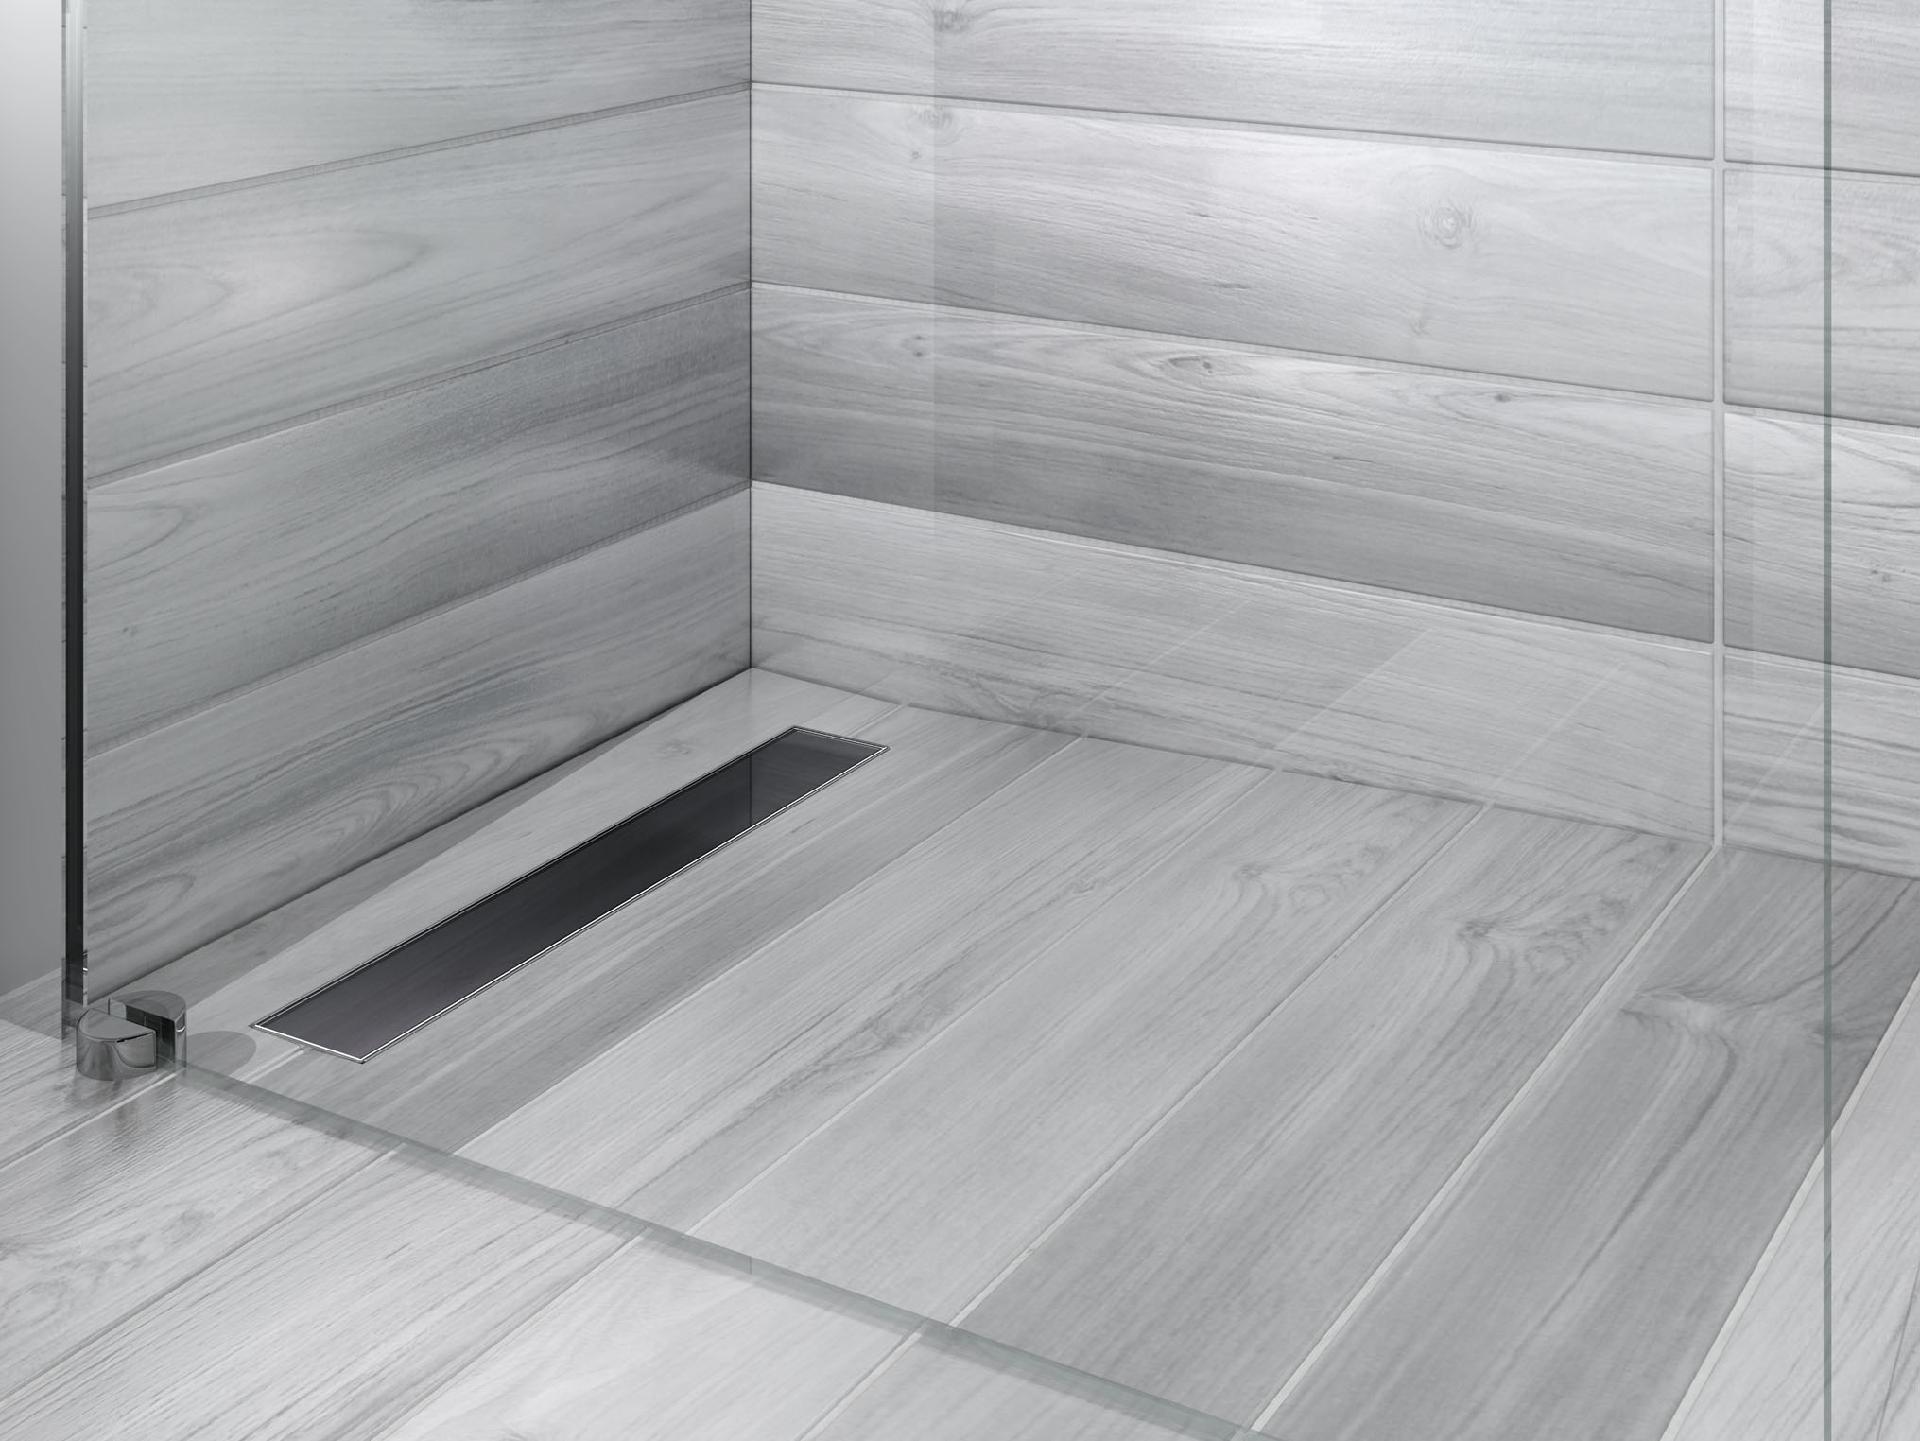 La scelta del piatto doccia e le sue alternative di tendenza catania - Piatto doccia raso pavimento ...